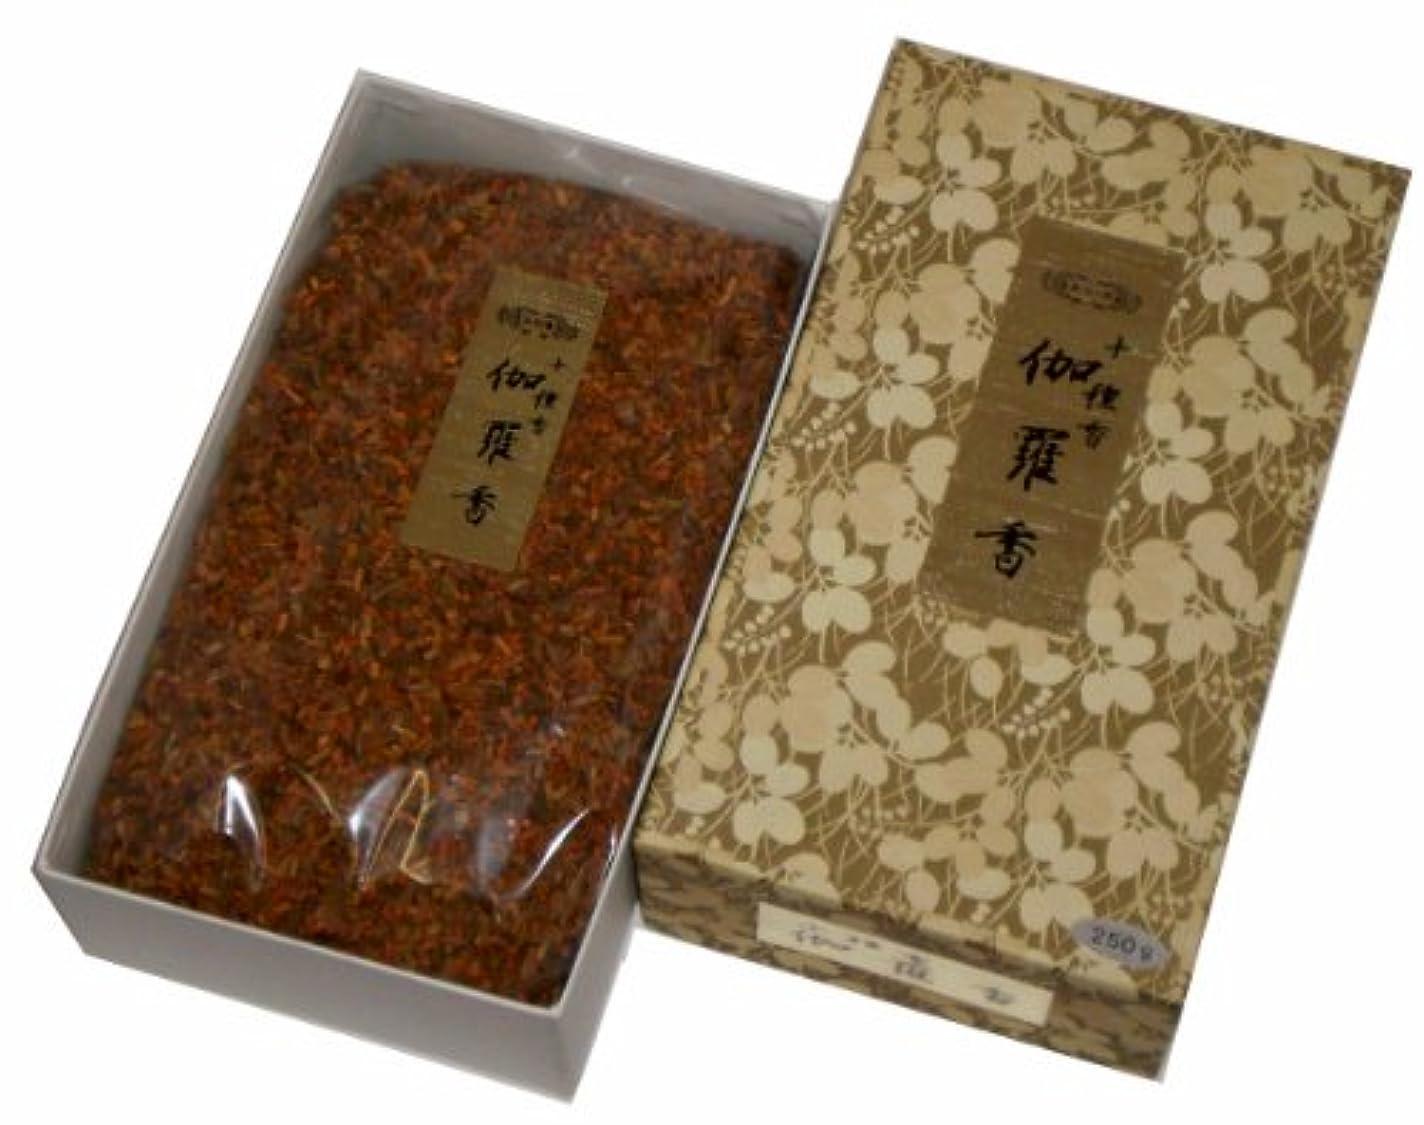 証明刈り取るファイル玉初堂のお香 伽羅香 250g #532